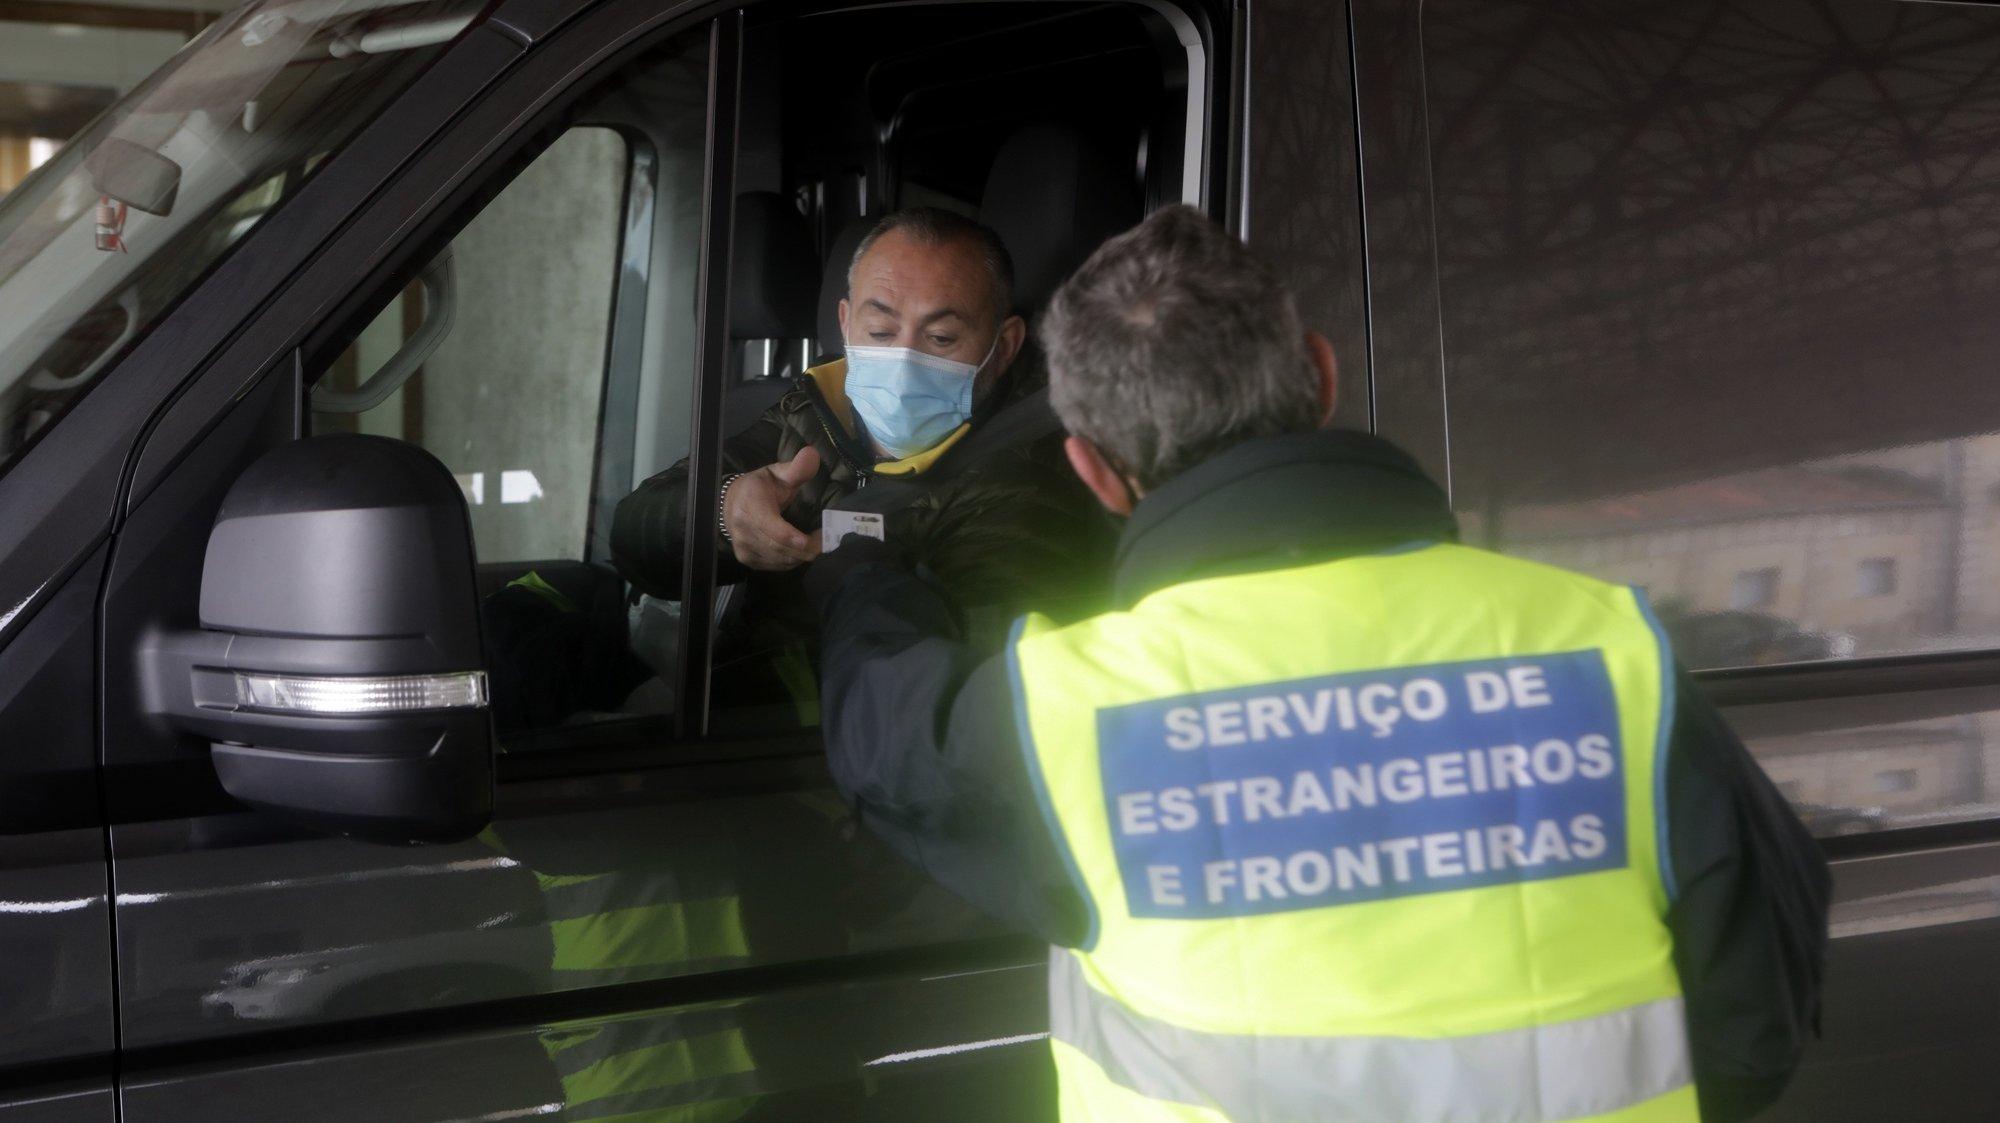 Um elemento do Serviço de Estrangeiros e Fronteiras (SEF) controla a passagem de viaturas, após o fecho de fronteiras devido á pandemia da covid-19, estando apenas permitido o trânsito de mercadorias e de trabalhadores transfronteiriços, Vilar Formoso, 1 de fevereiro de 2021. MIGUEL PEREIRA DA SILVA/LUSA